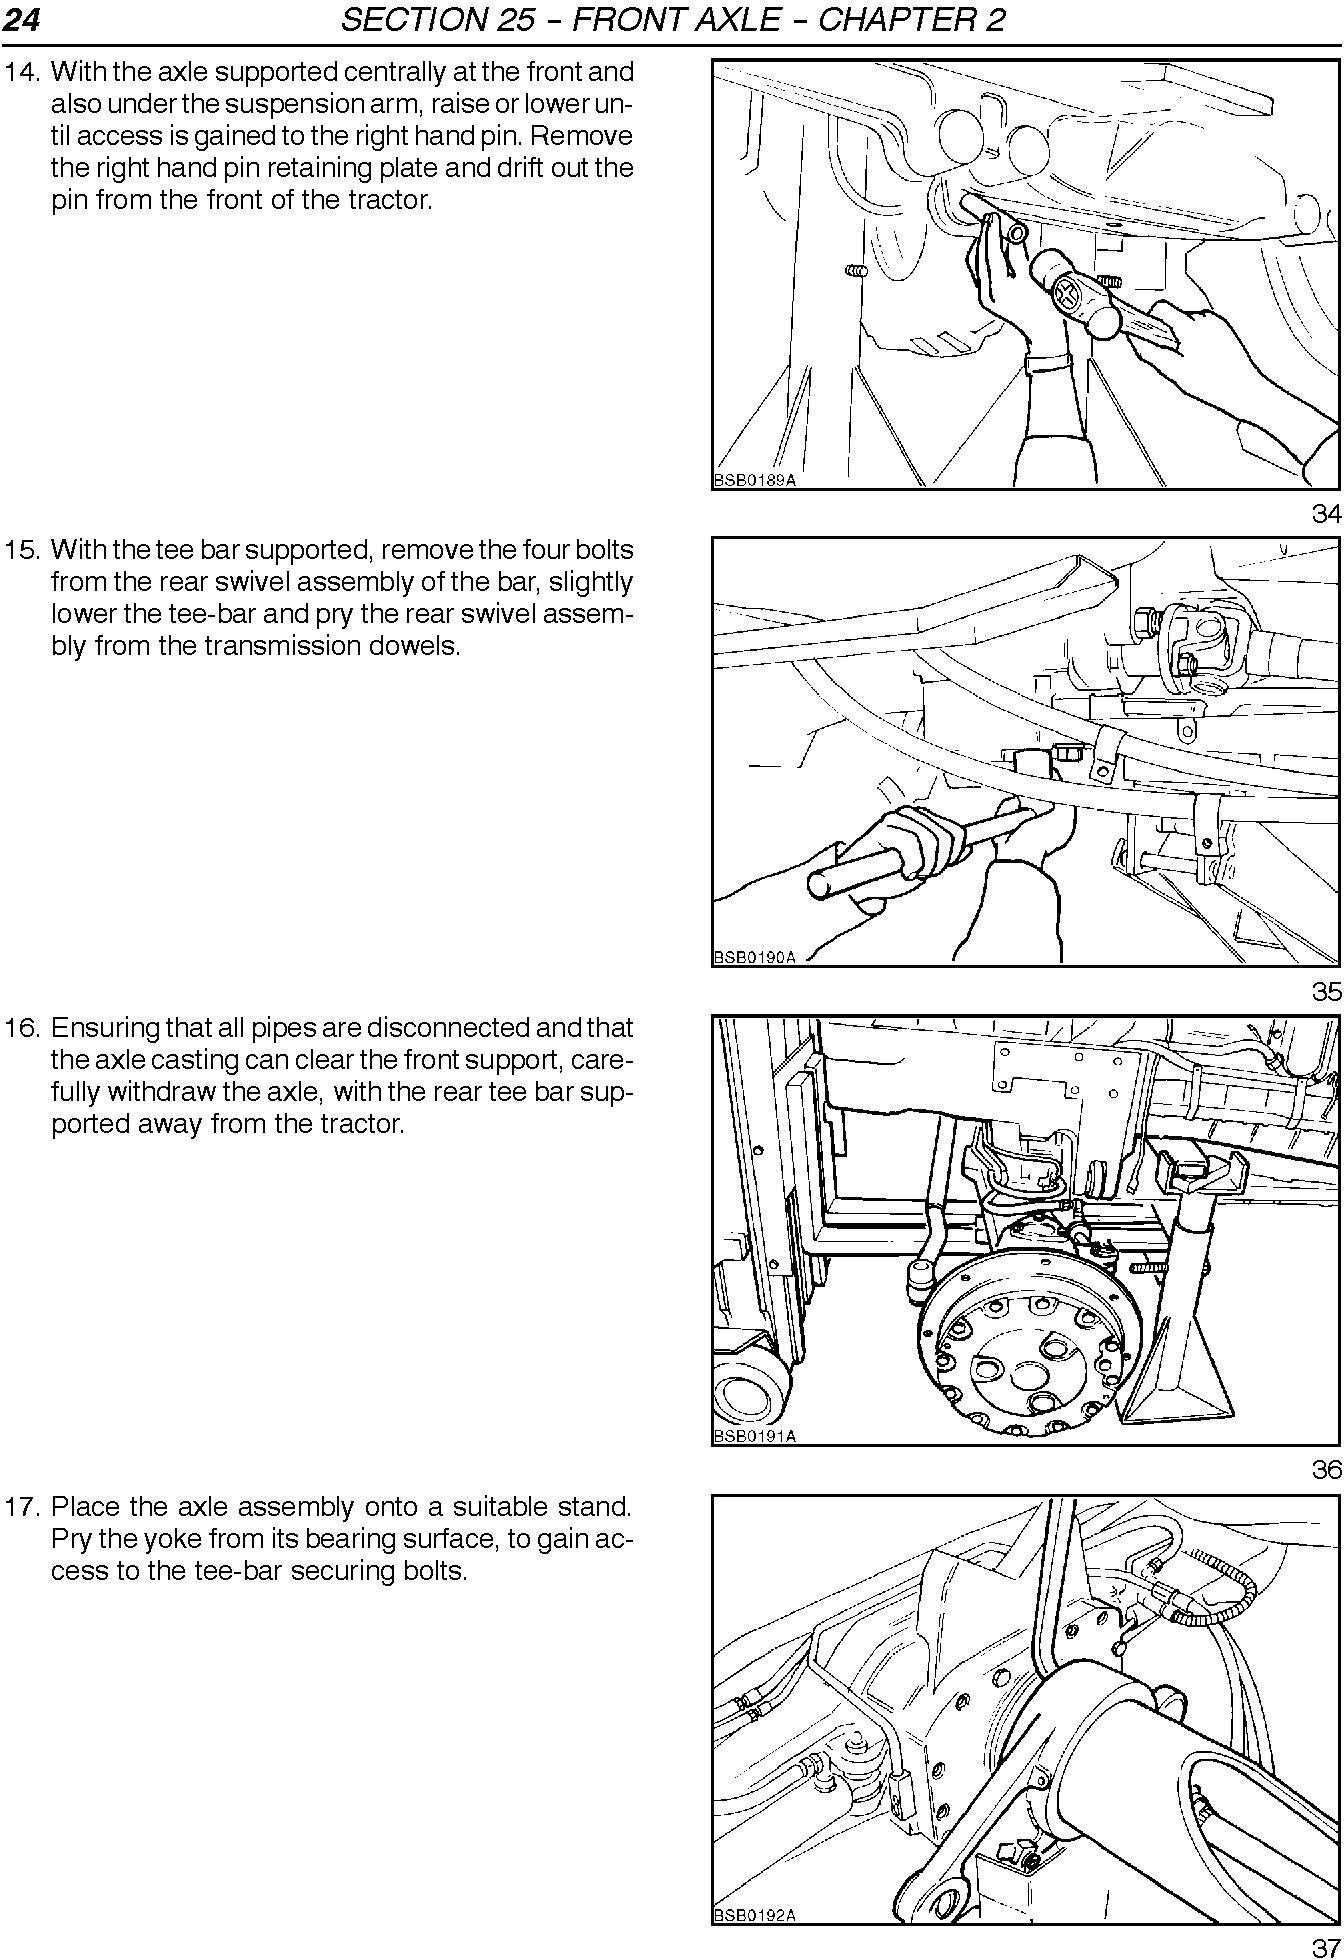 New Holland TM120, TM130, TM140, TM155, TM175, TM190 Tractors Service Manual - 2